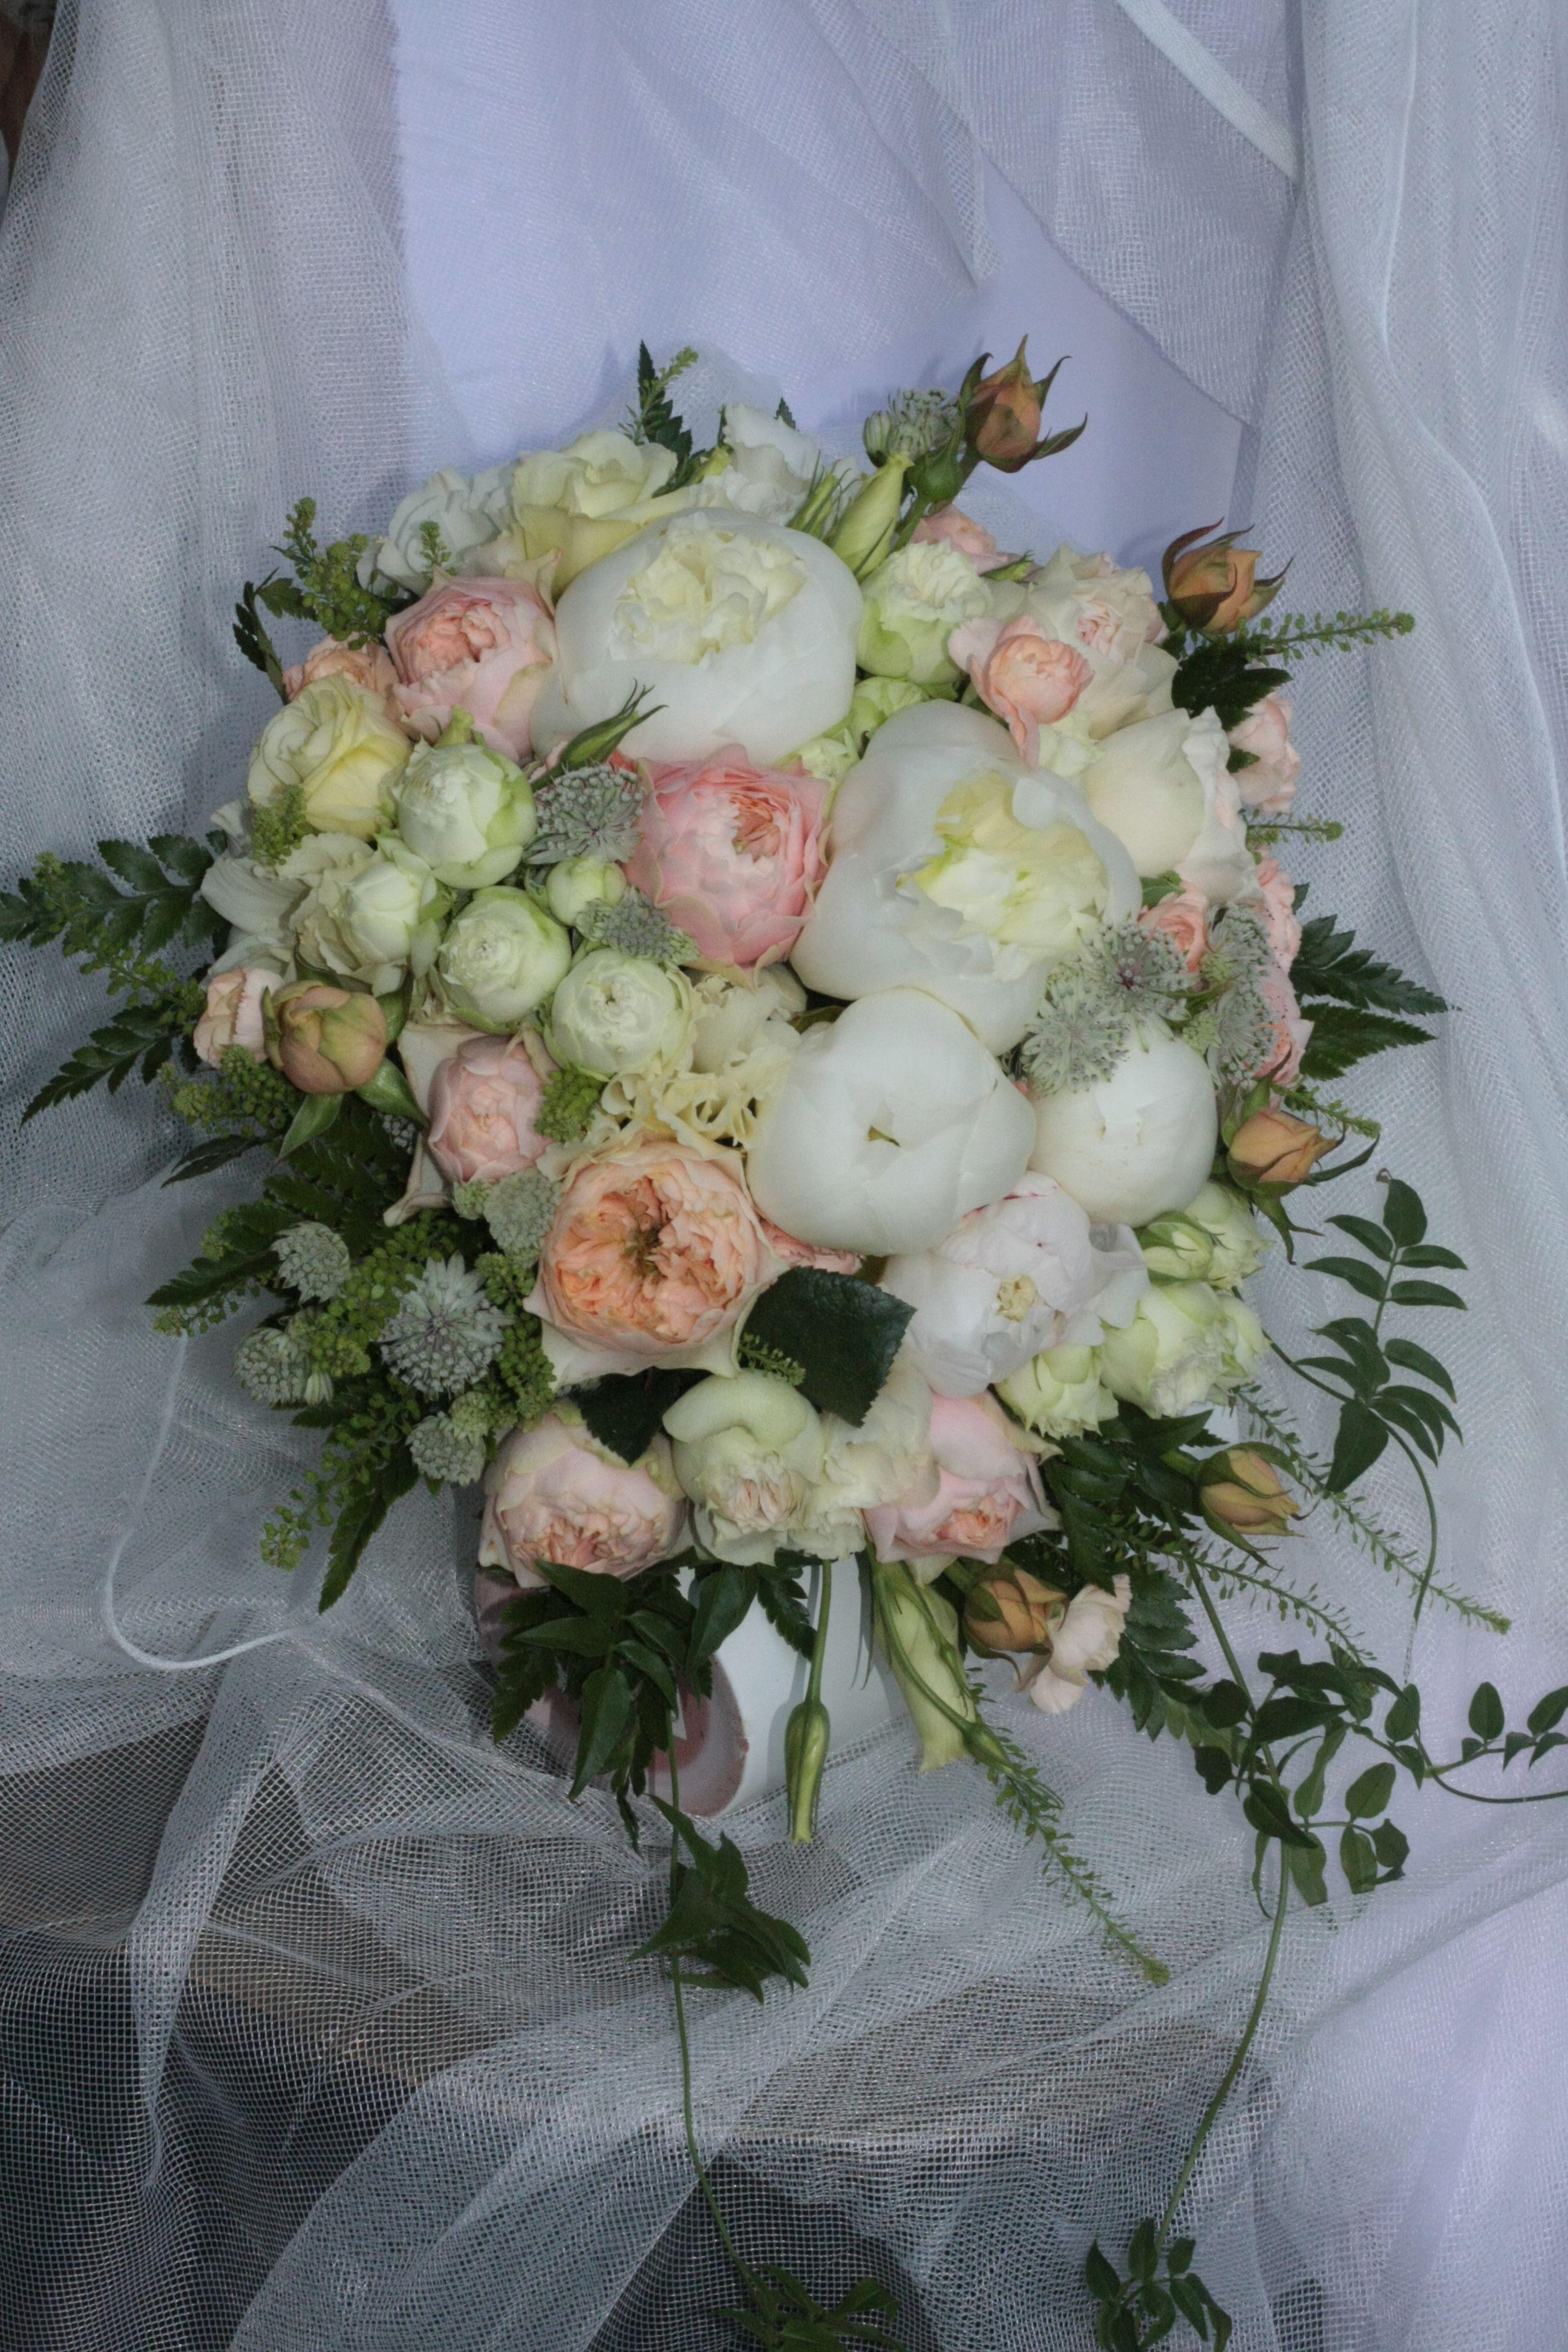 Bukiet Slubny Kremowo Brzoskwiniowy Roze Angielskie Eustoma Mini Gozdziki Piwonie Floral Wreath Floral Wreaths